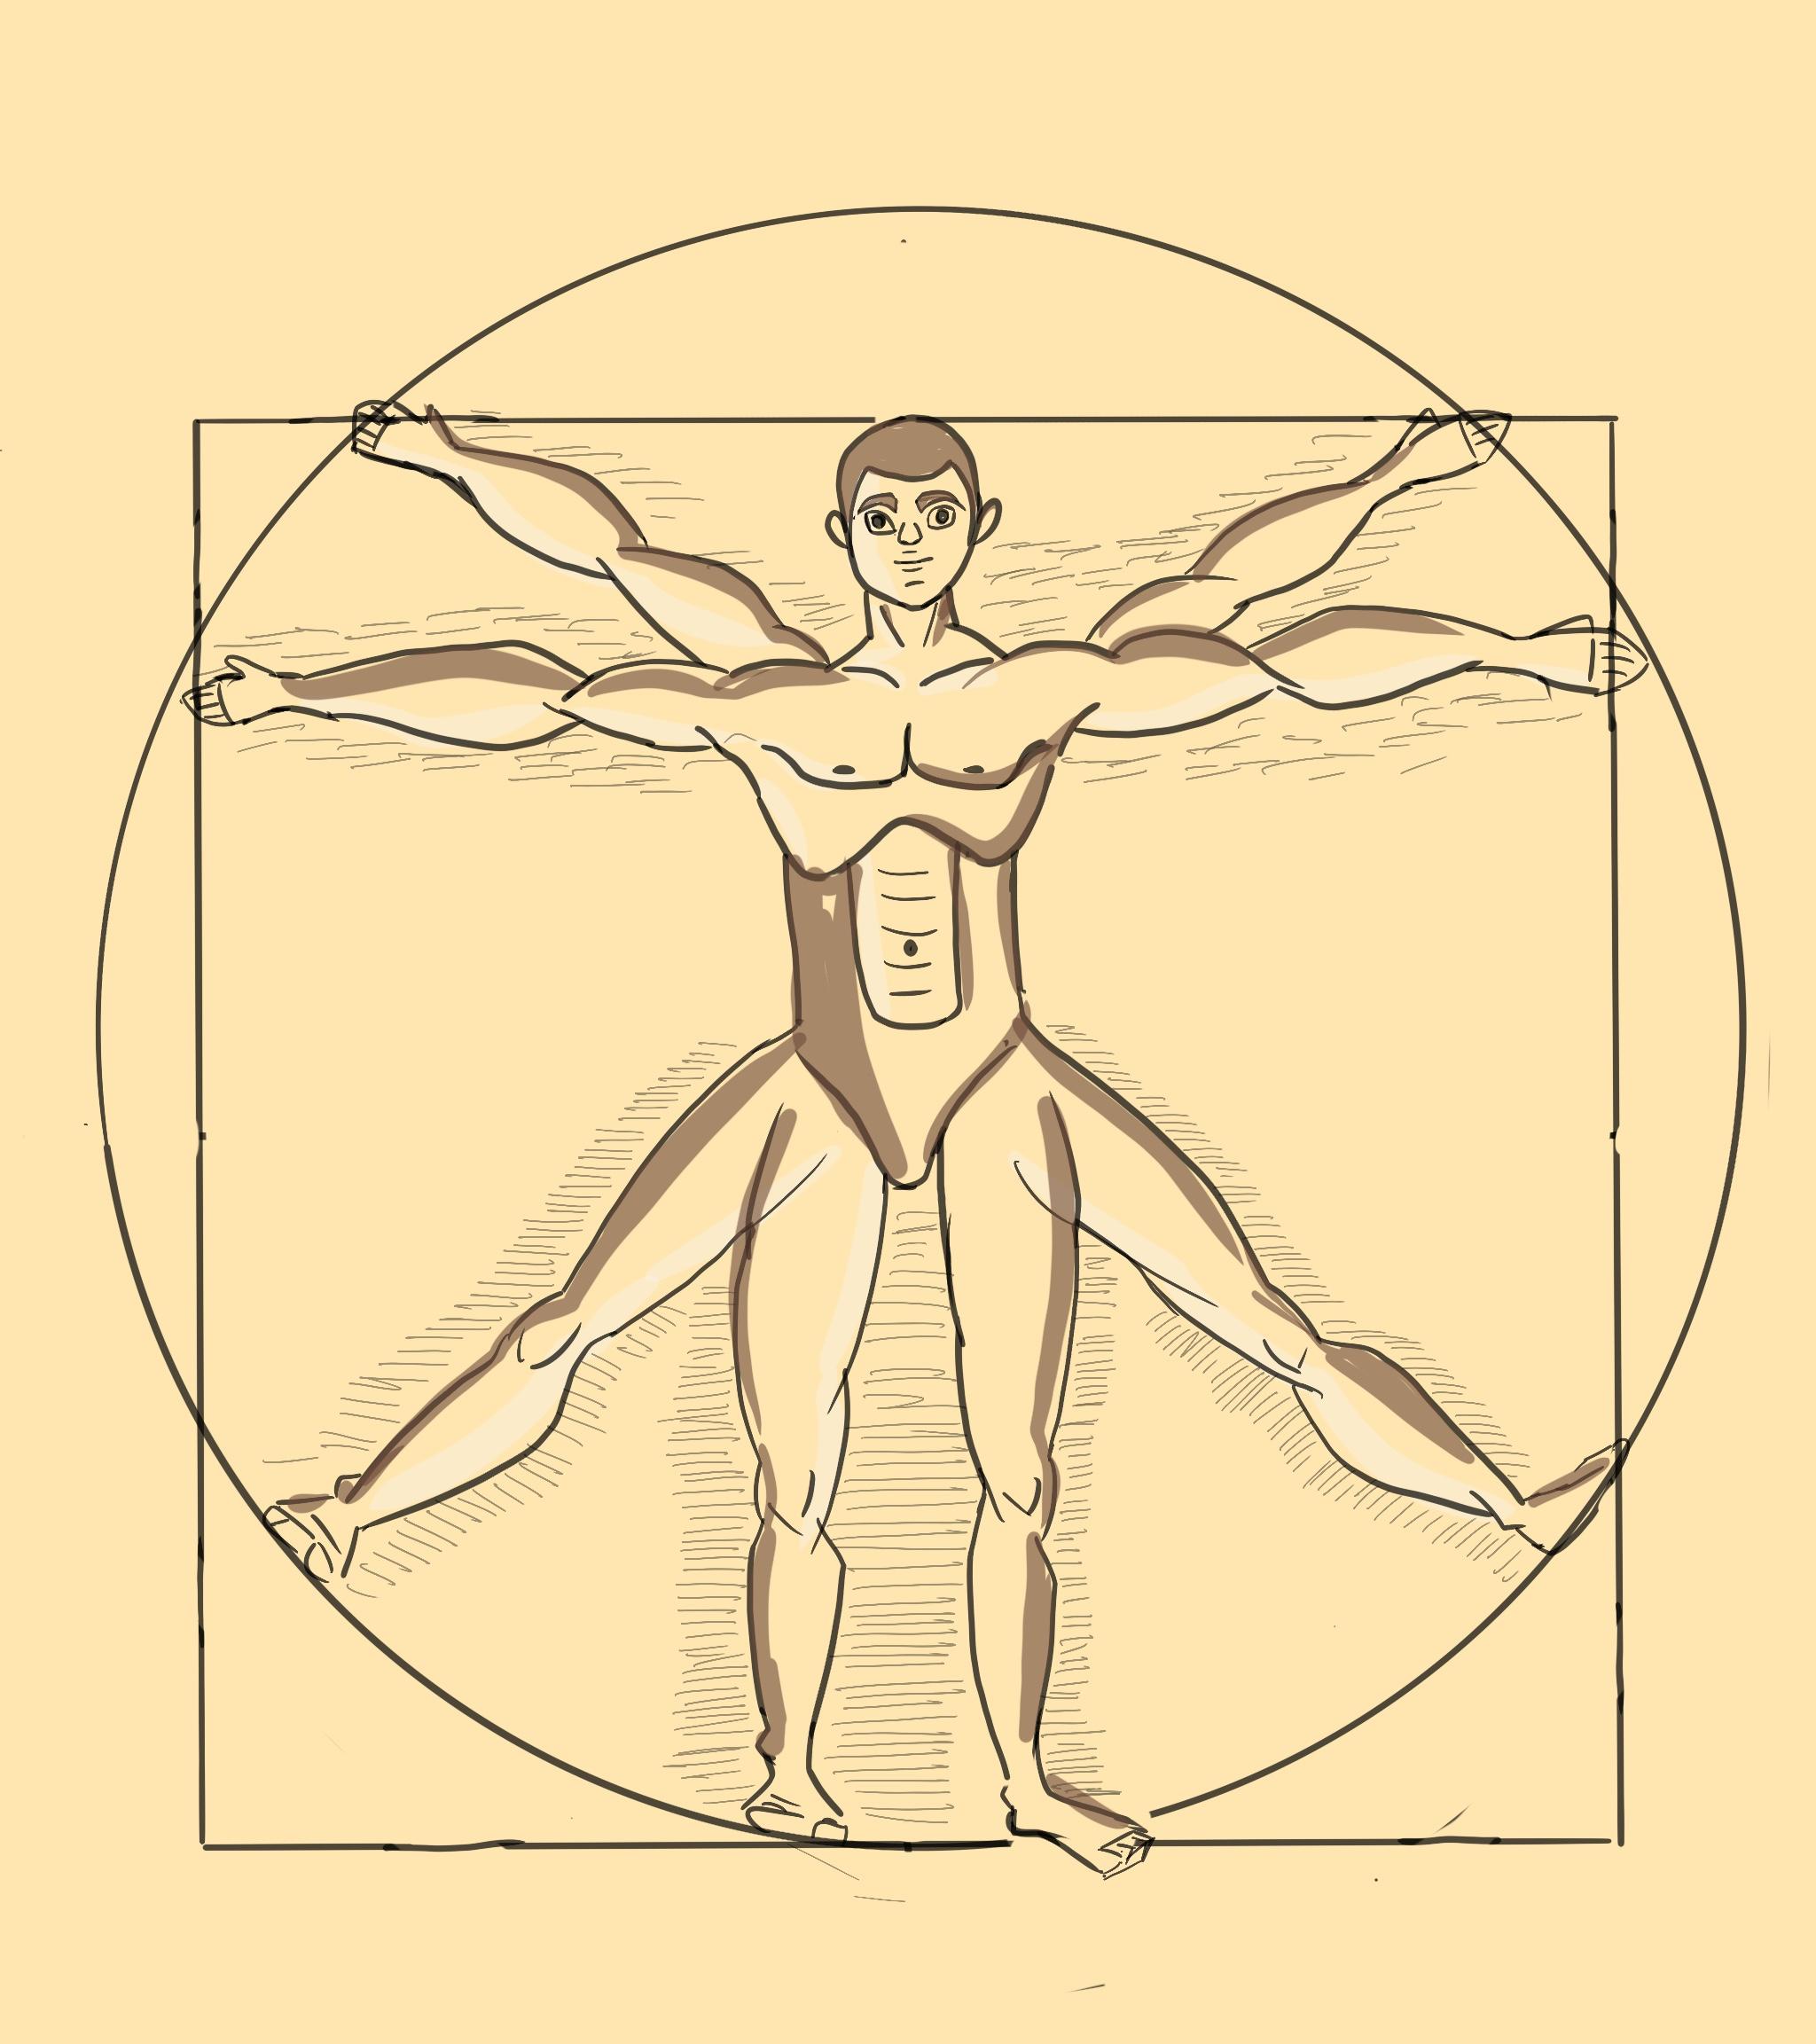 Illustrative Human figure